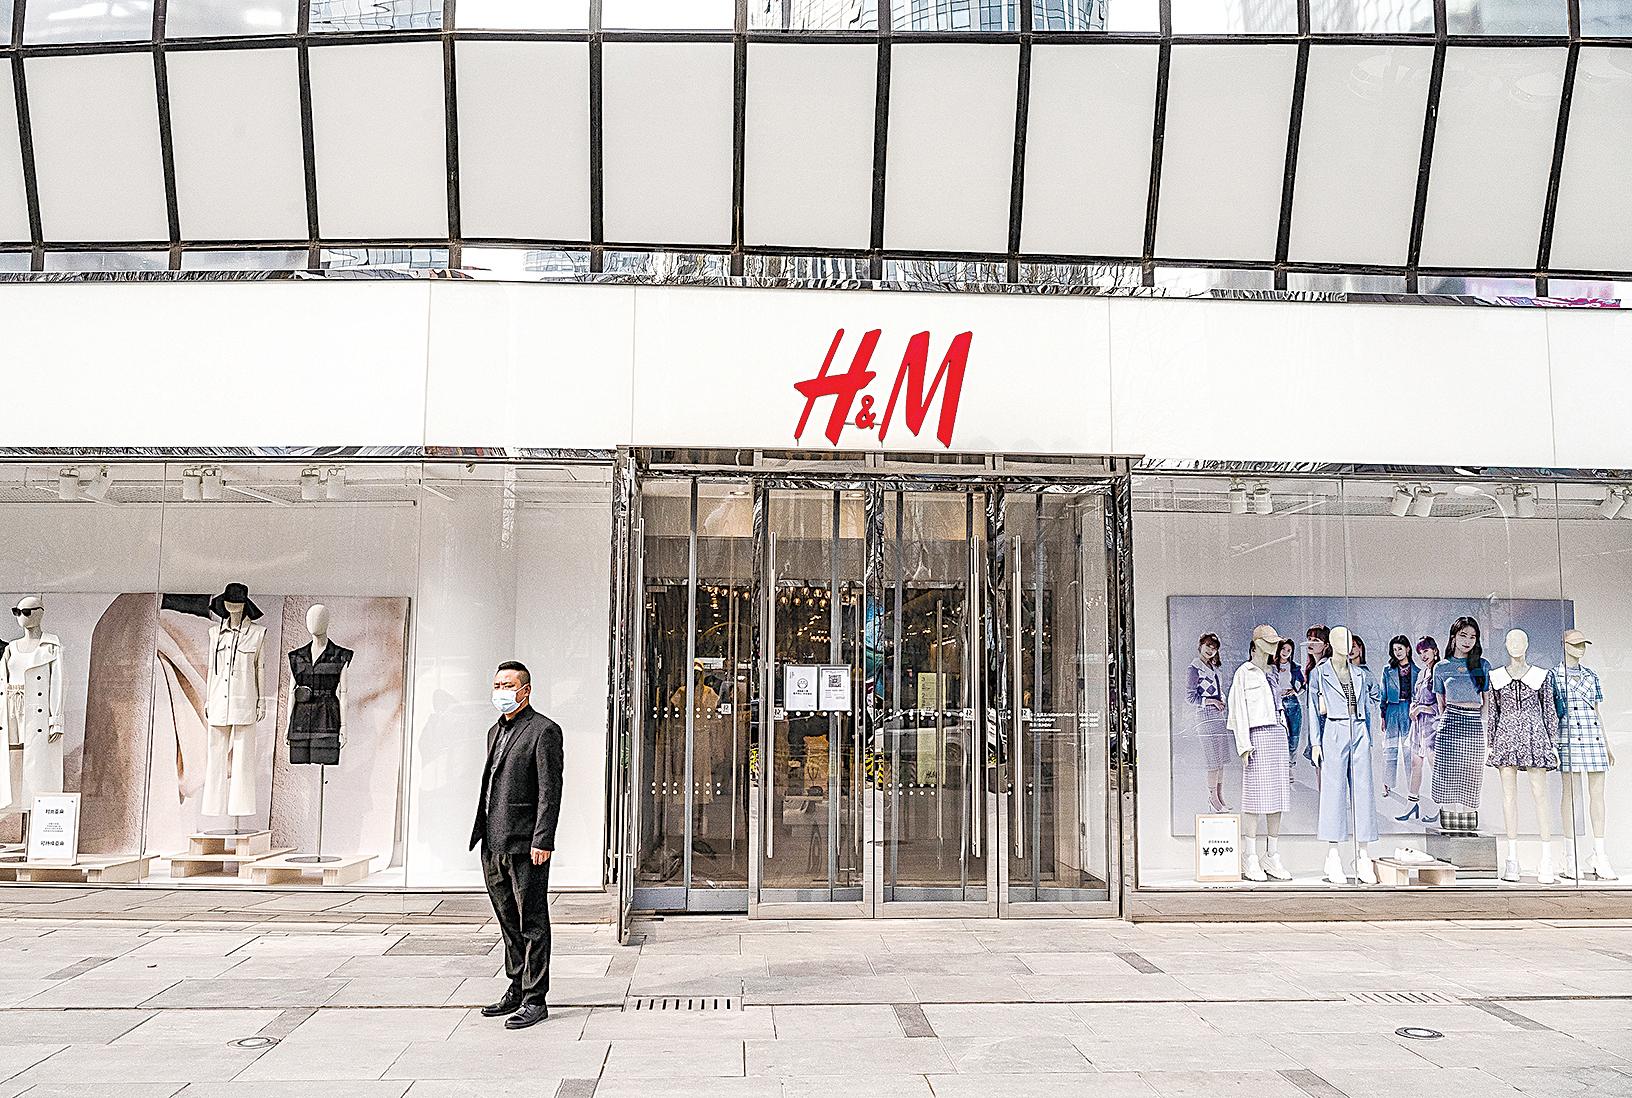 中歐互相制裁,已從政府層面波及到跨國公司和商業組織。例如大陸突發抵制H&M服裝公司。圖為在中國北京的H&M旗艦店3月25日的情景。(Getty Images)